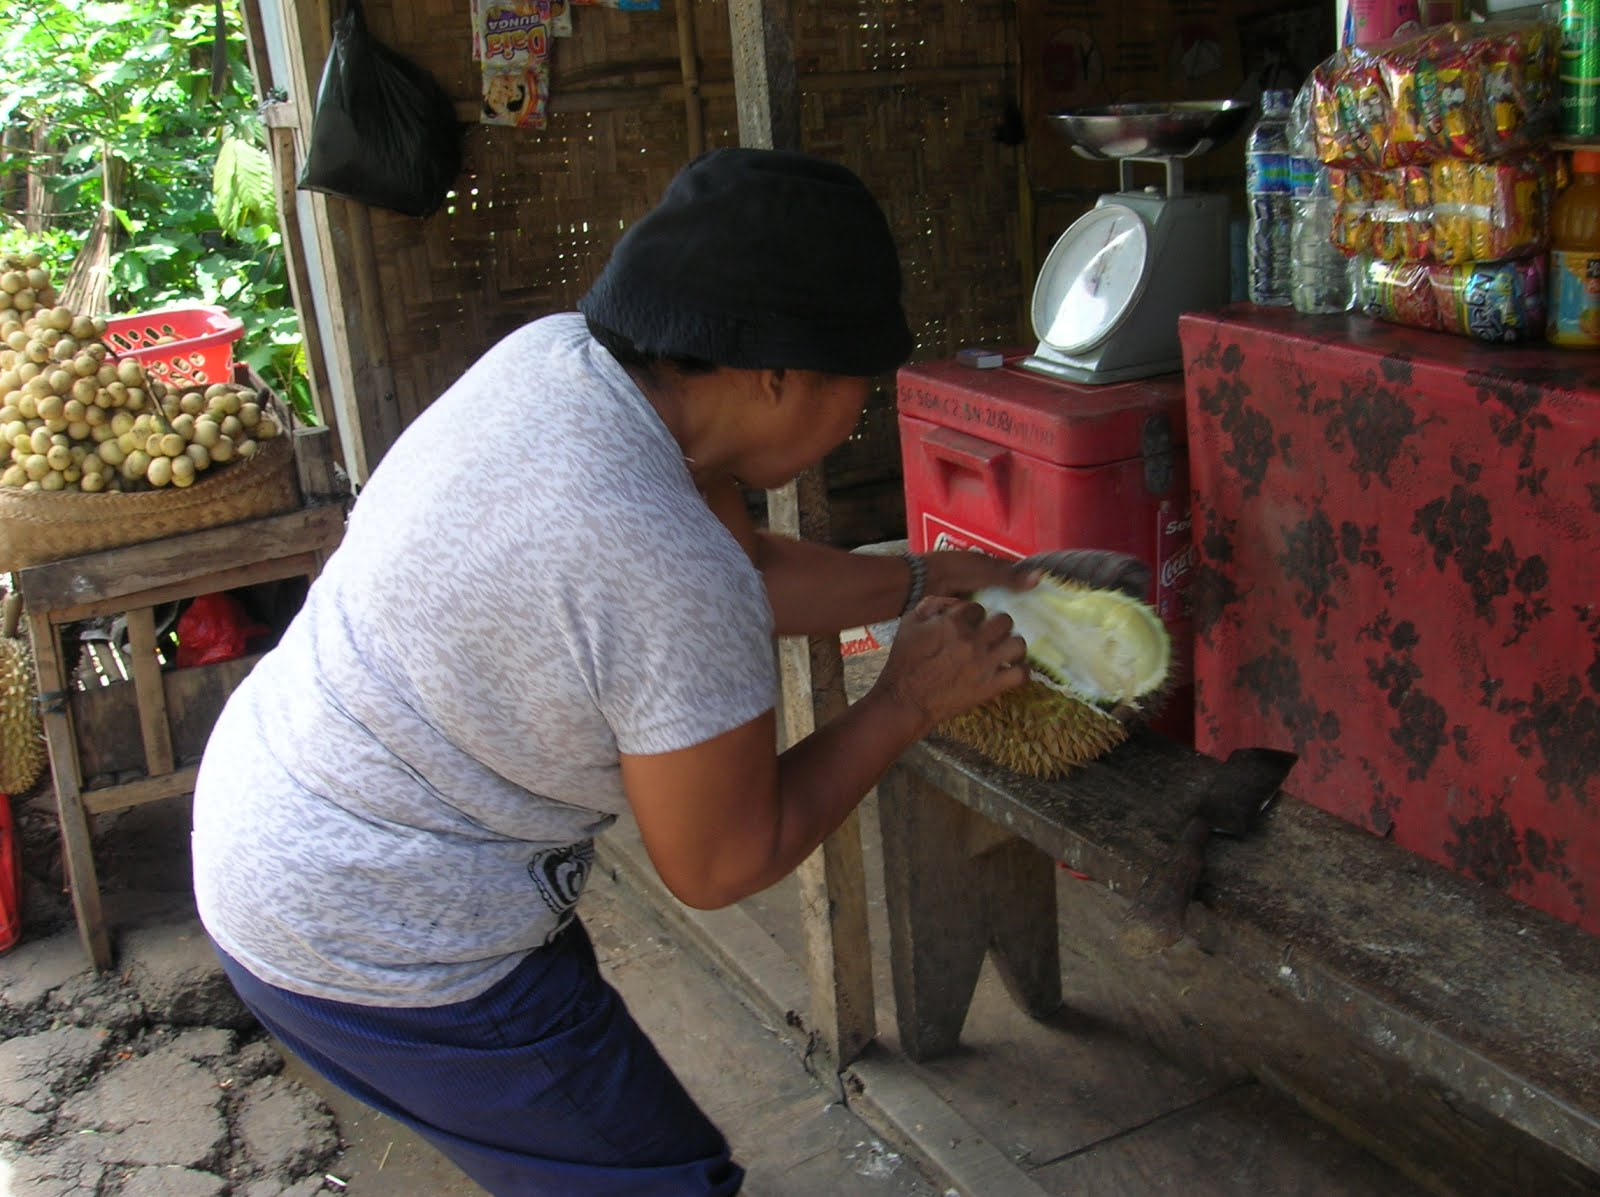 Abriendo un durián, Isla de Bali,Indonesia, vuelta al mundo, round the world, La vuelta al mundo de Asun y Ricardo